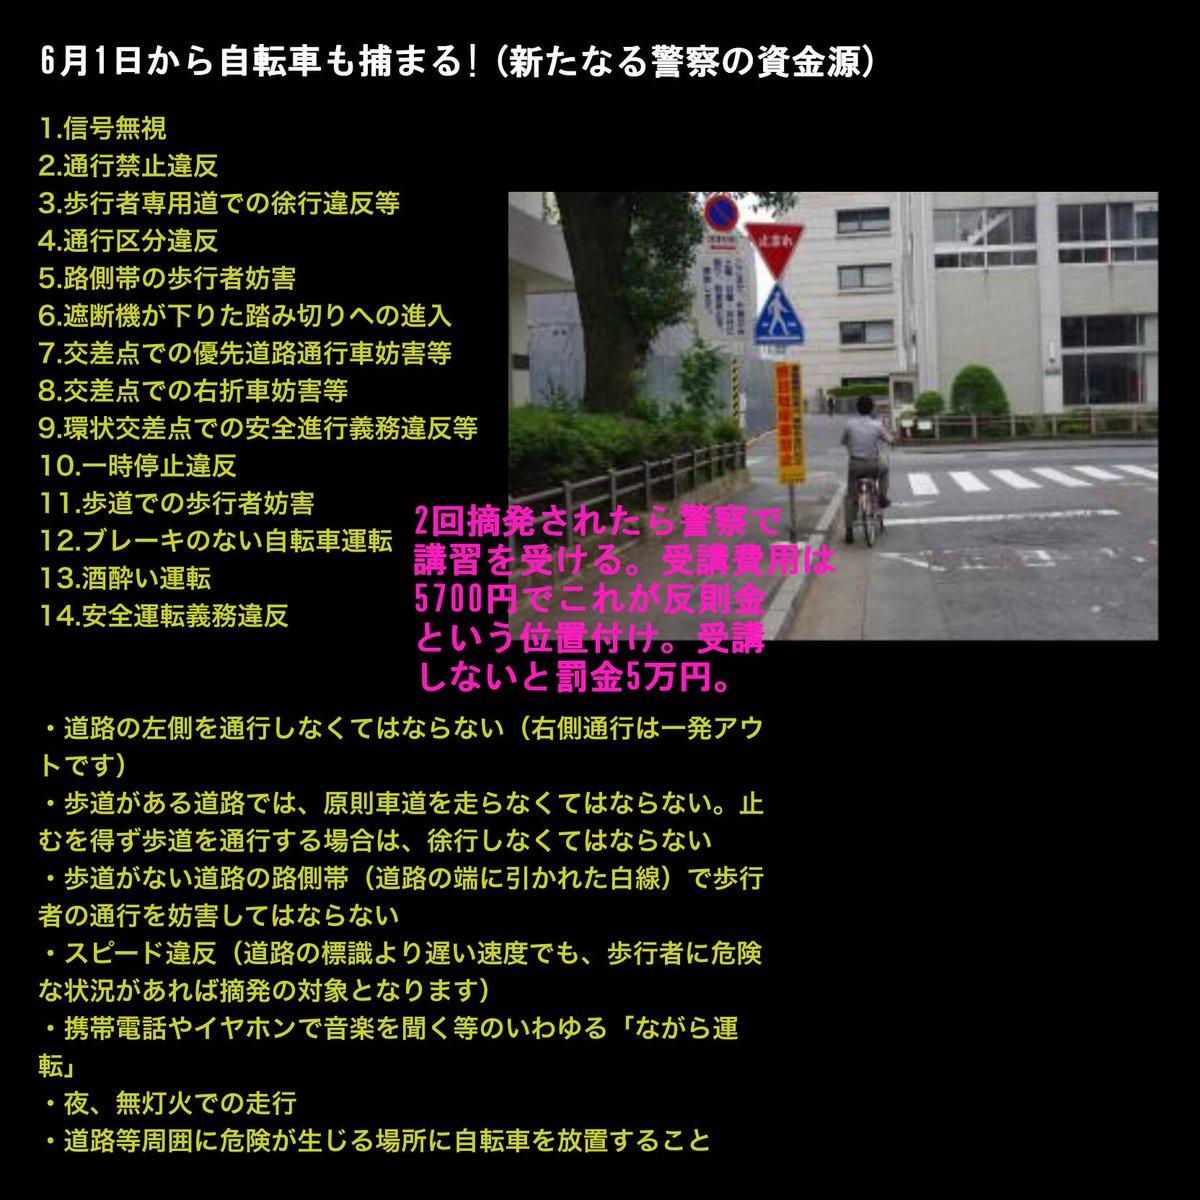 6月1日から自転車も交通違反でガンガン捕まるらしい http://t.co/BGPXtWIFRD